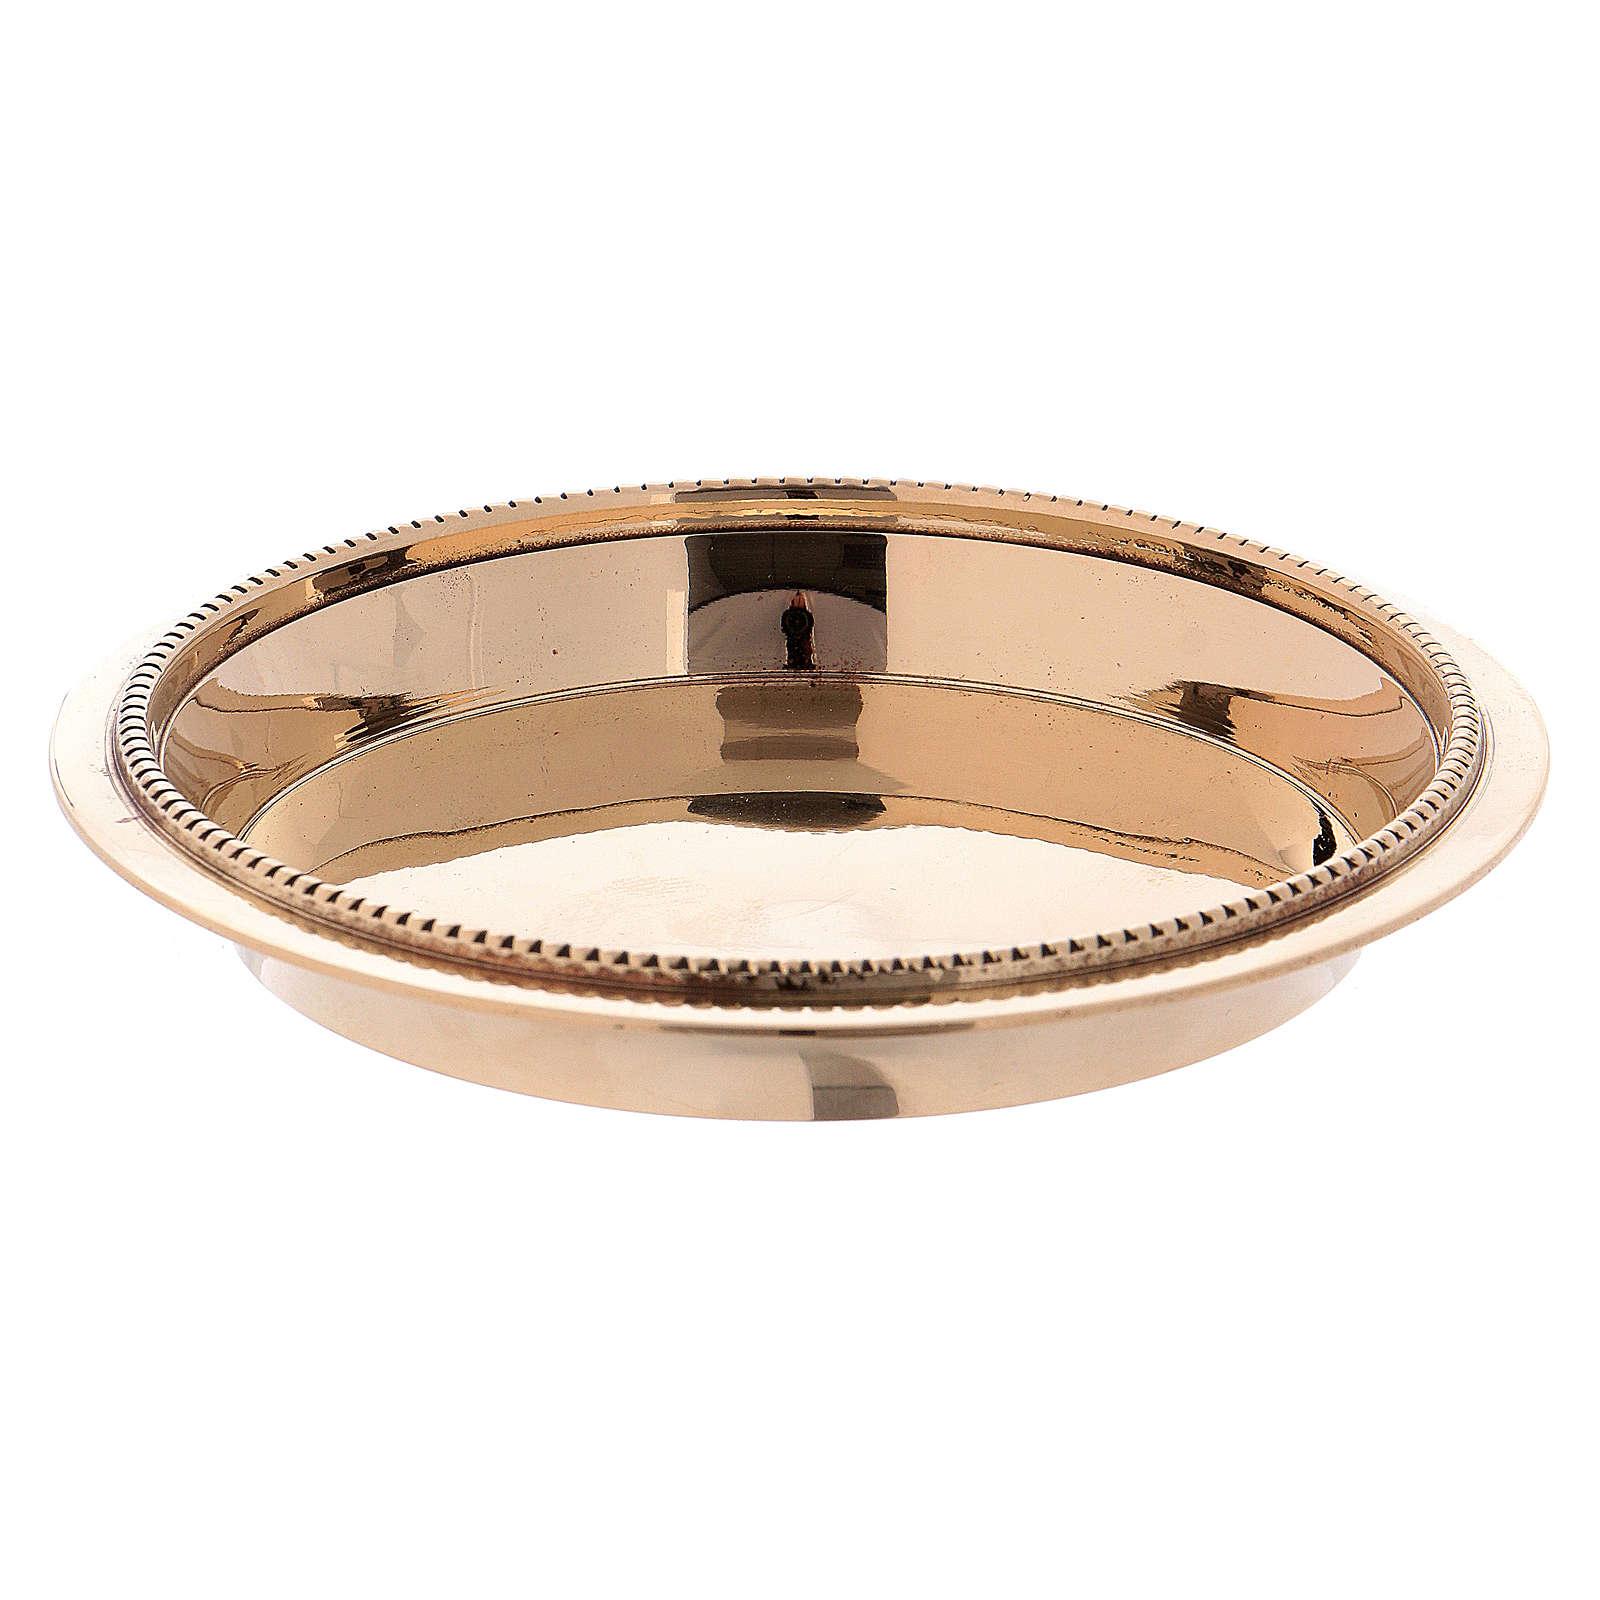 Platillo latón dorado diámetro 11 cm 3